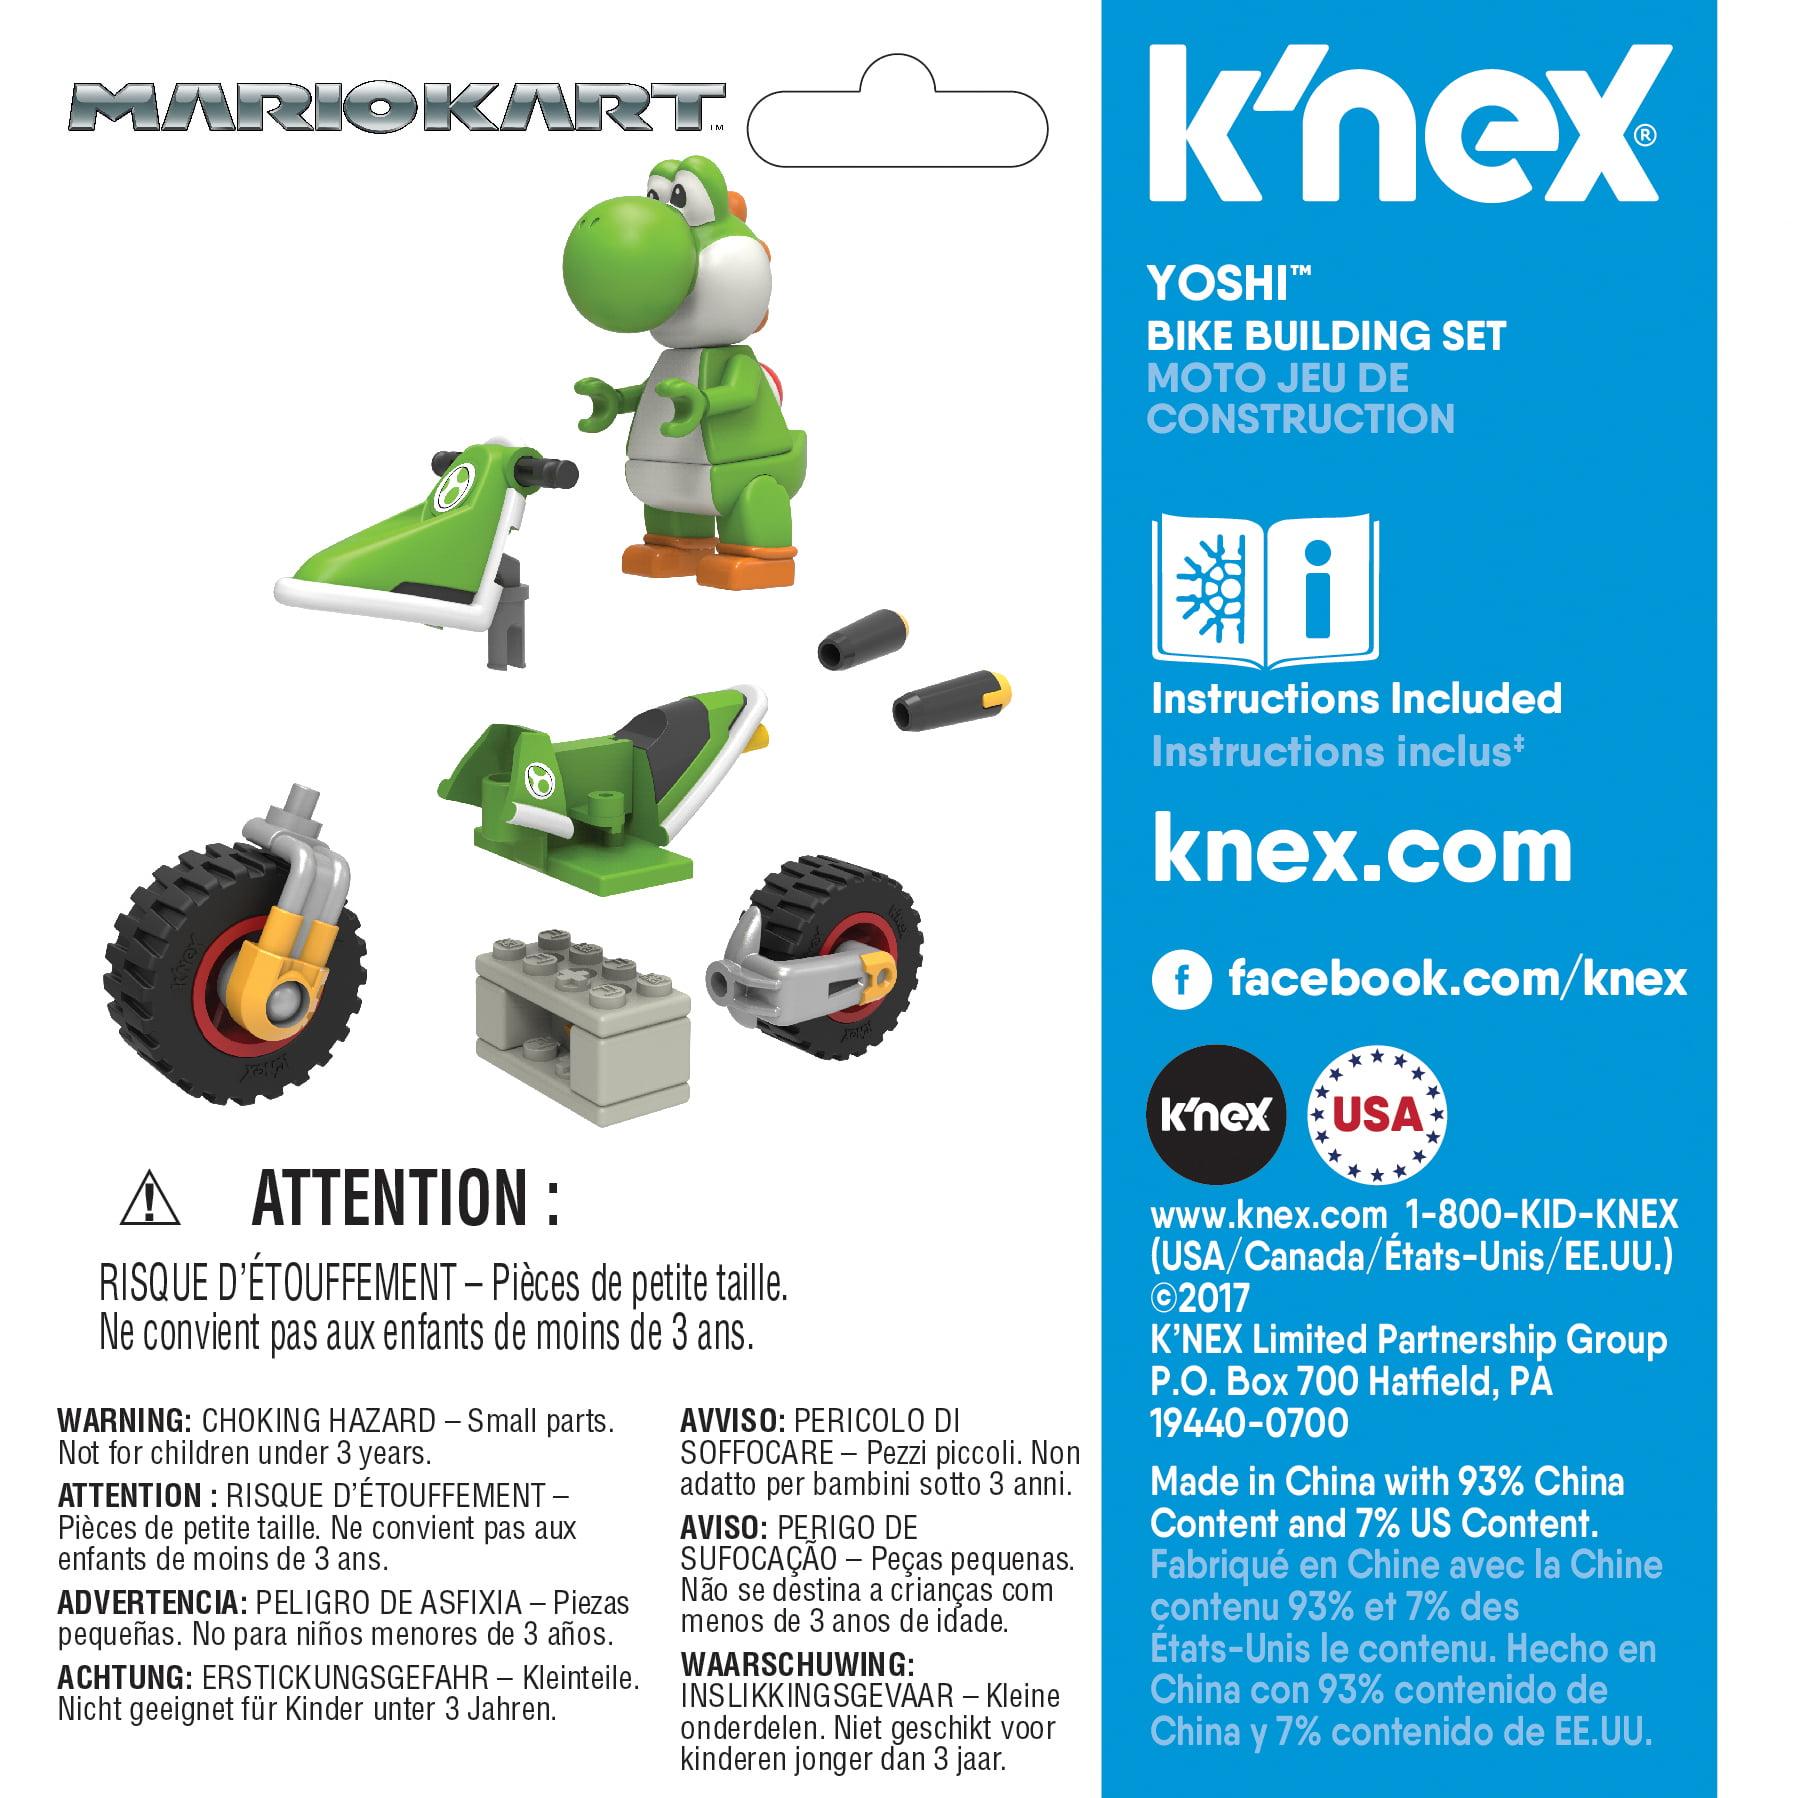 Knex Mario Kart Yoshi Bike Building Set Walmart